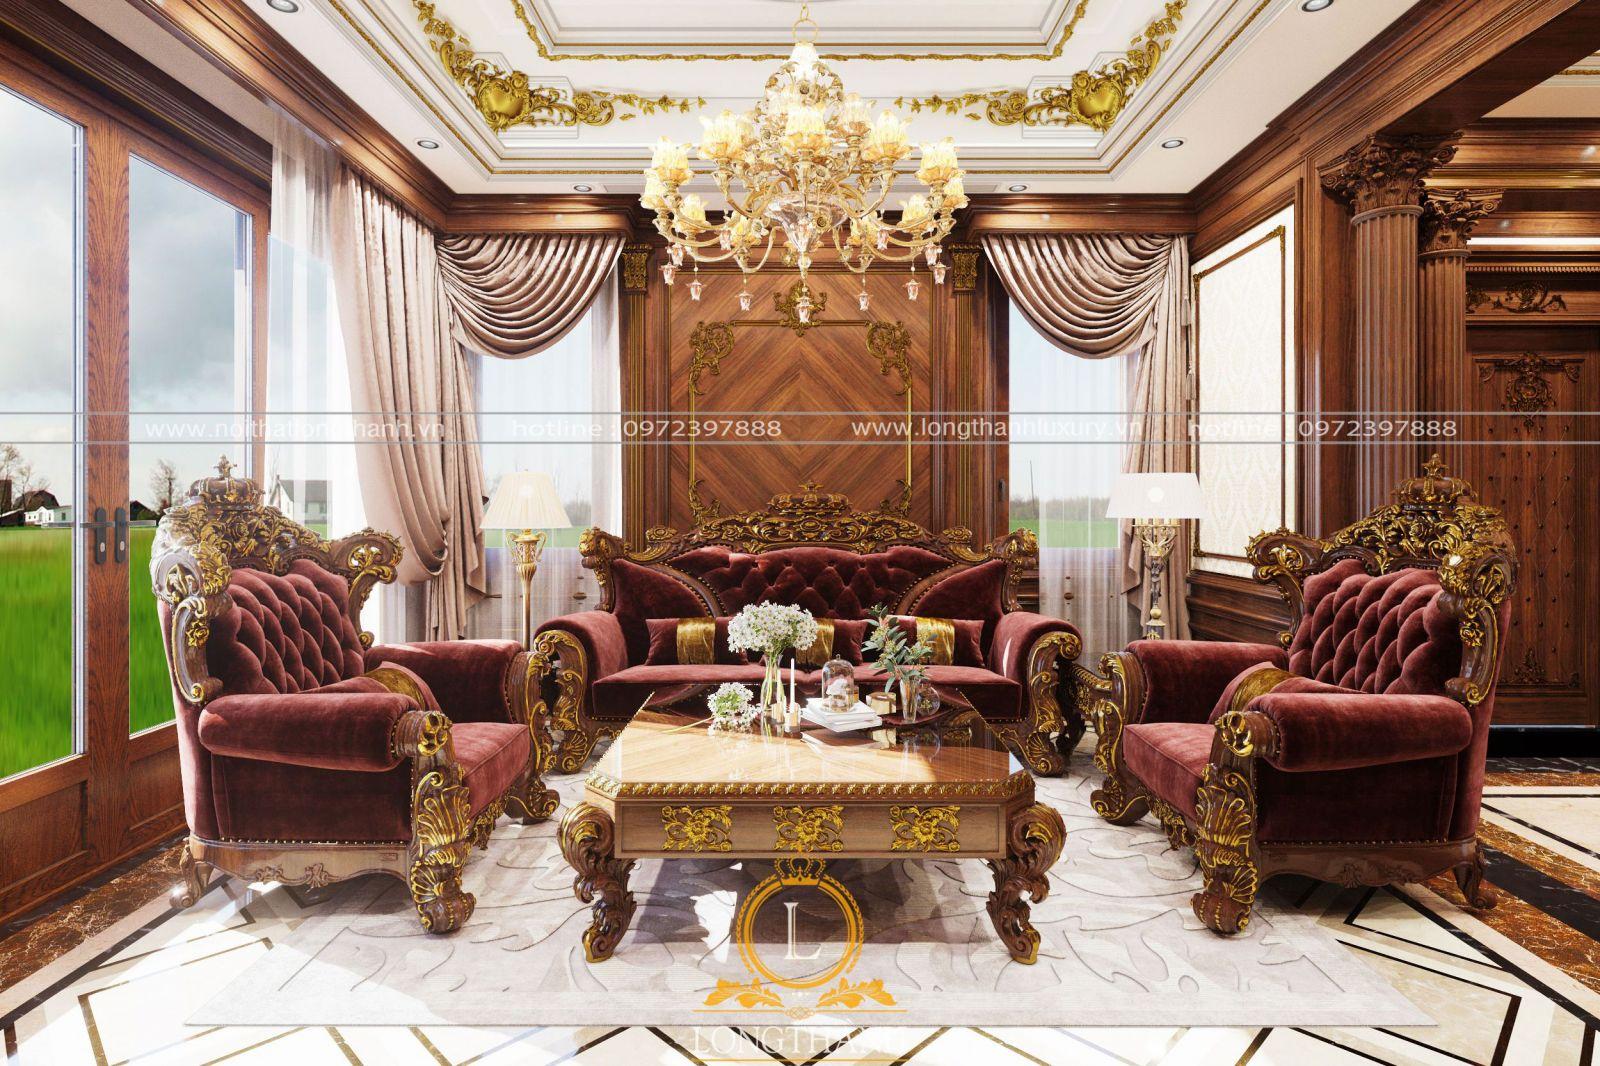 Sofa bẩn hoặc cũ theo thời gian do quá trình sử dụng không lau chùi vệ sinh